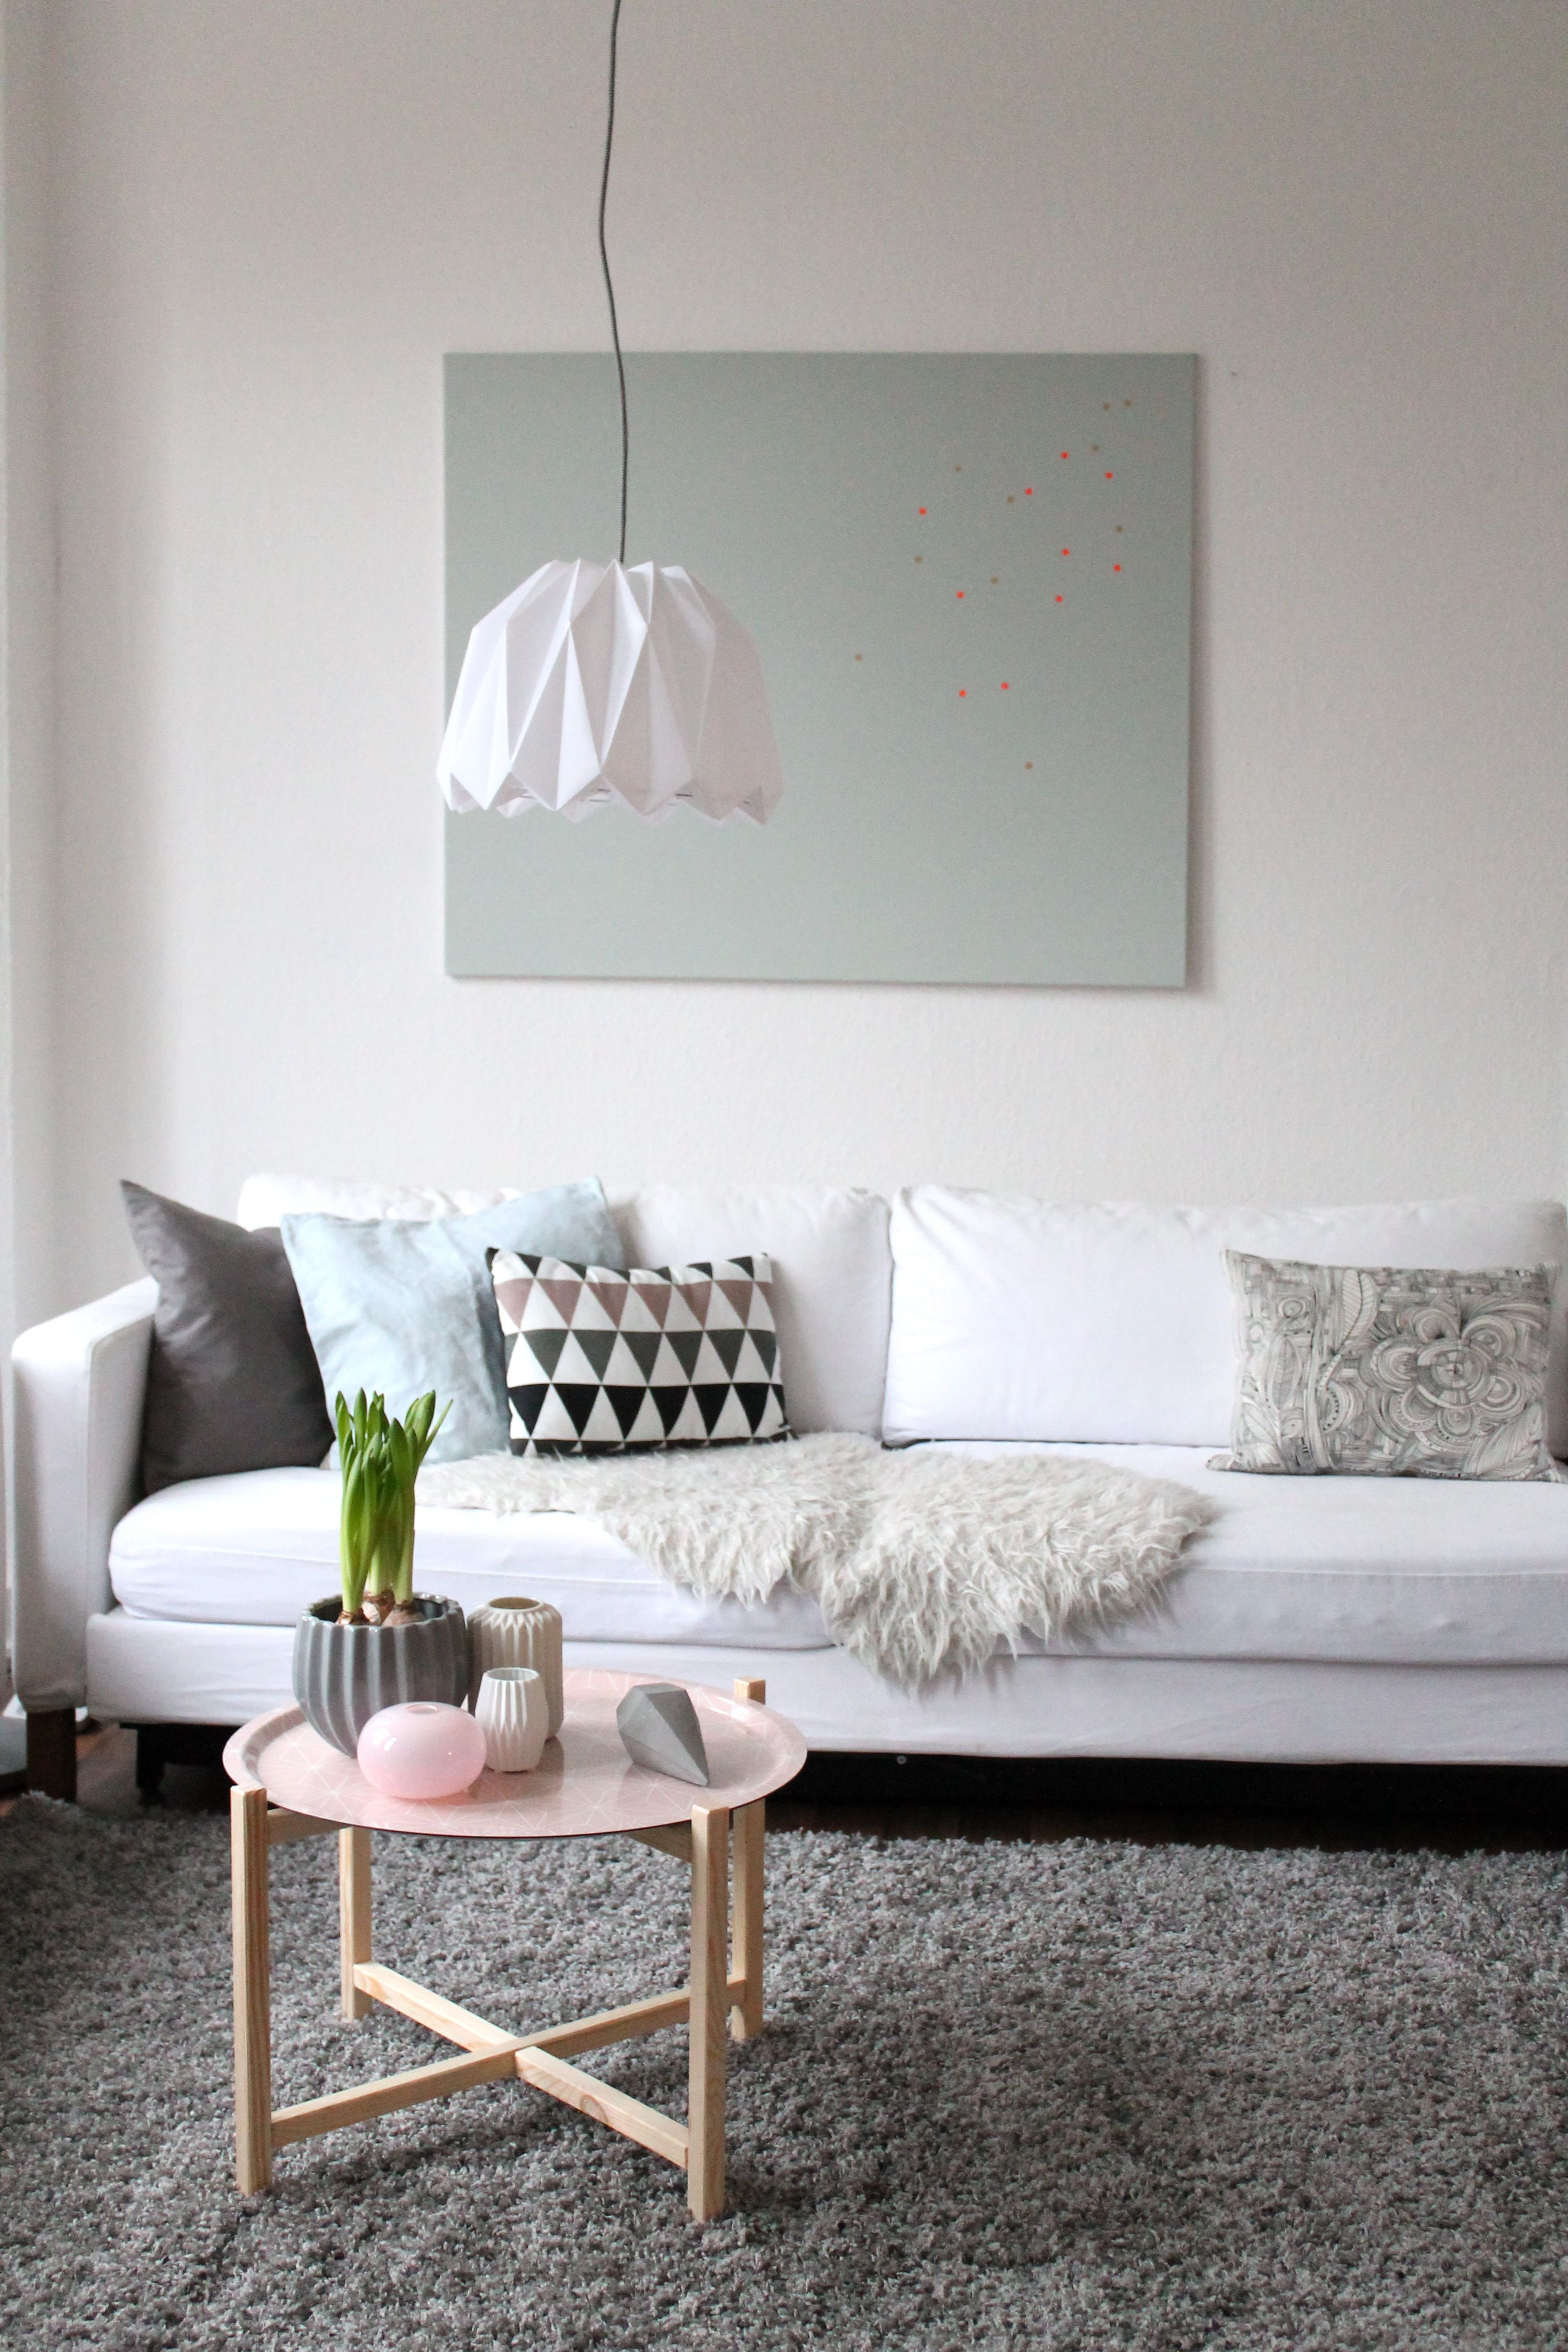 Umschwung Neue Farben Im Wohnzimmer Wohnen Wohnzimmer